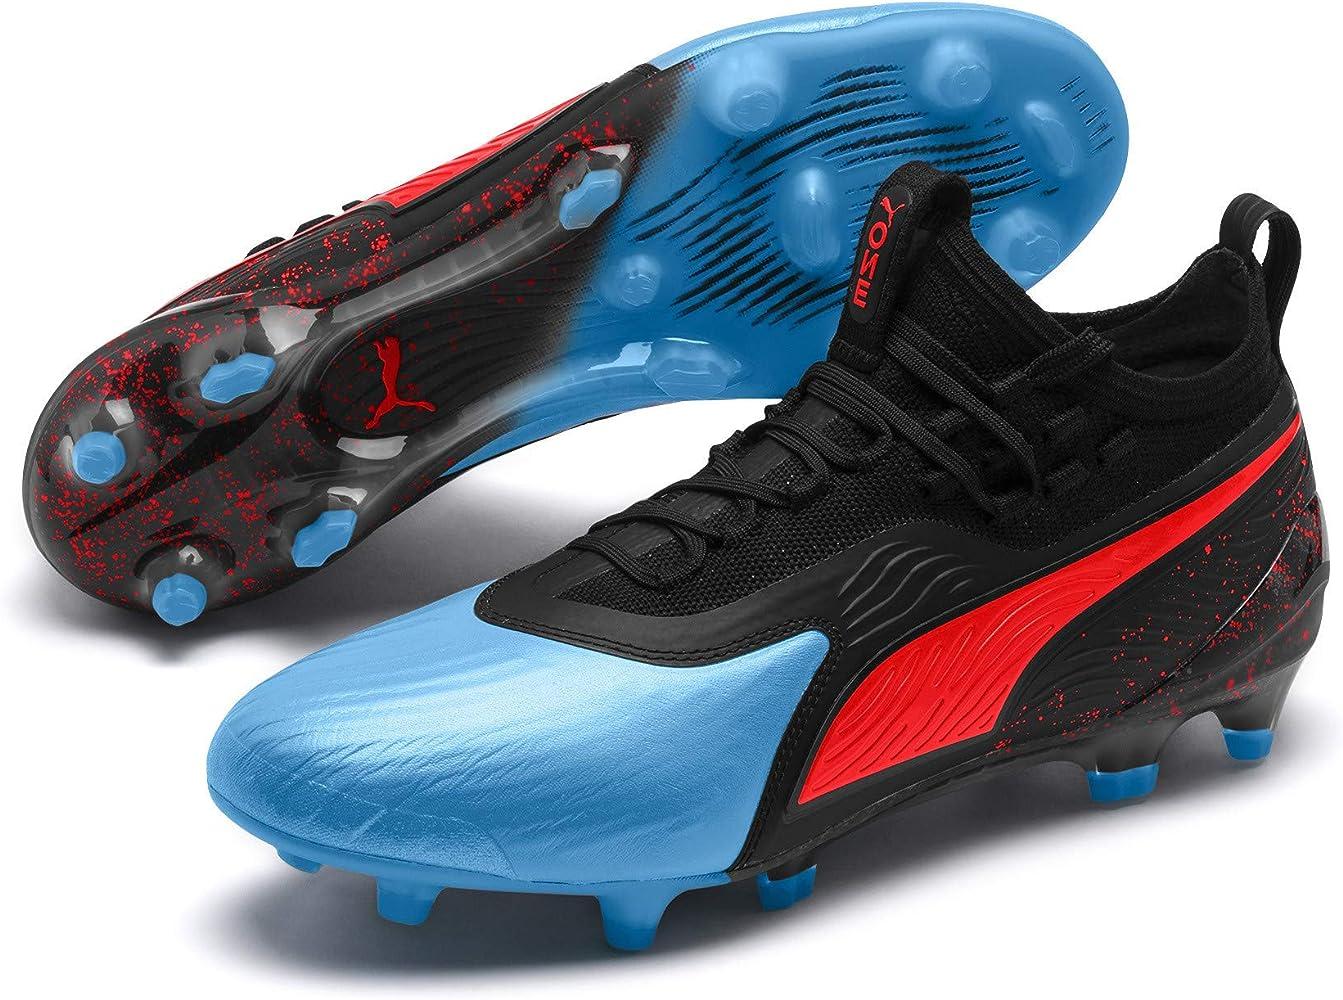 nouvelle arrivee 8a068 5414d Puma One 19.1 FG/AG, Chaussures de Football Homme, (Bleu ...